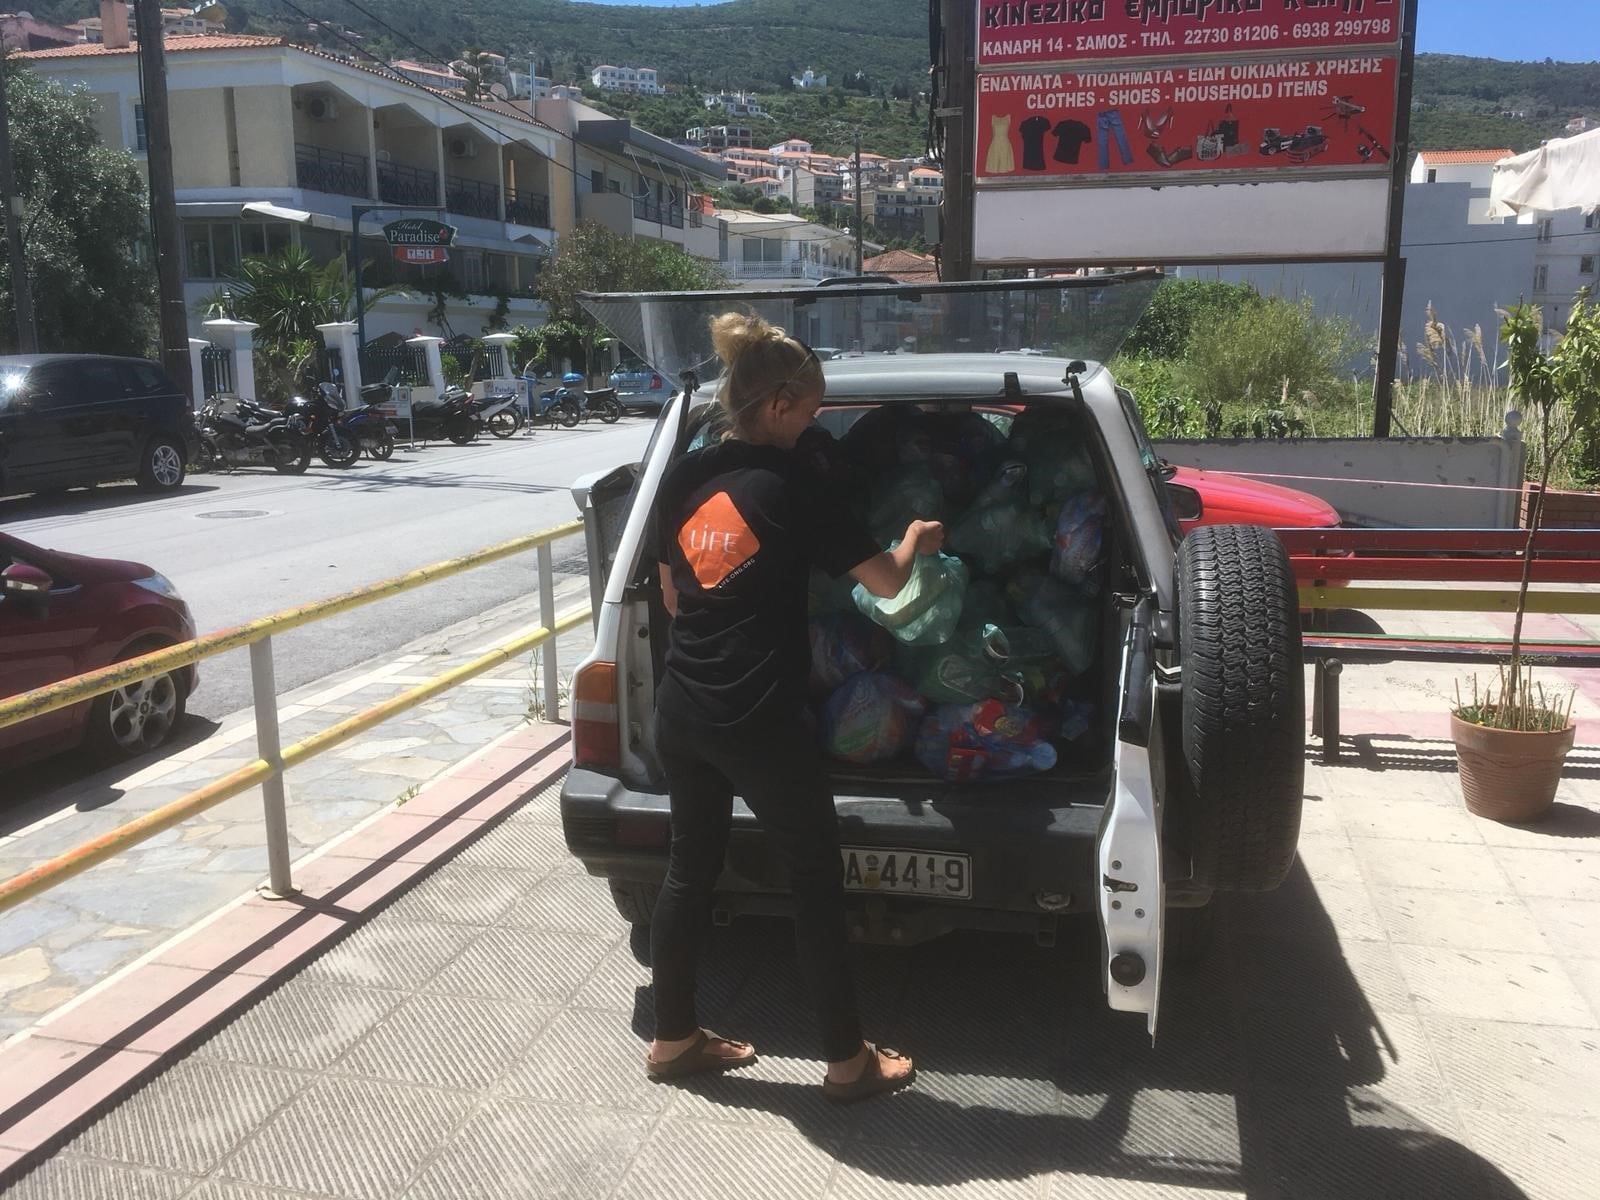 LIFE finance un aide alimentaire d'urgence en Grèce.